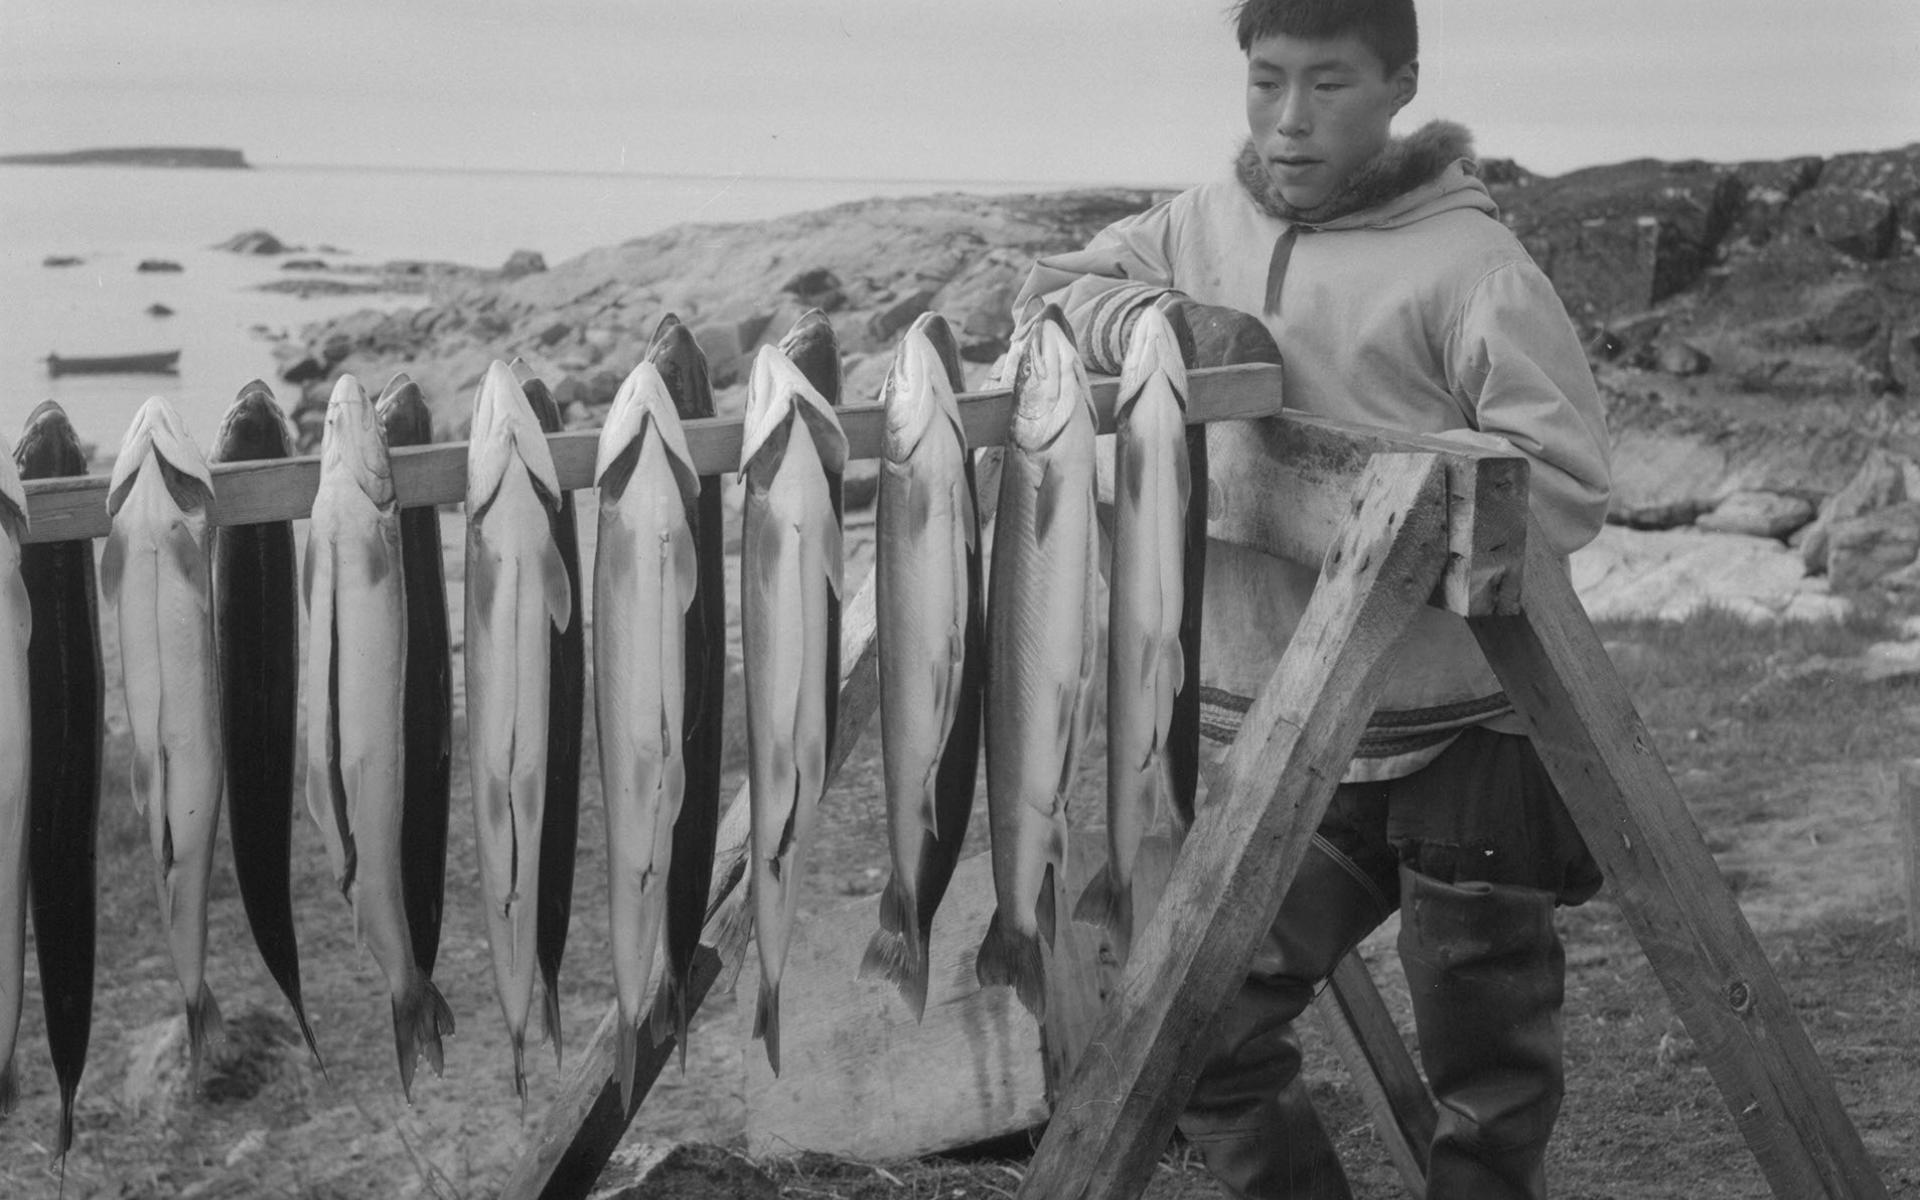 Inuk debout à côté d'une claie de séchage d'ombles de l'Arctique